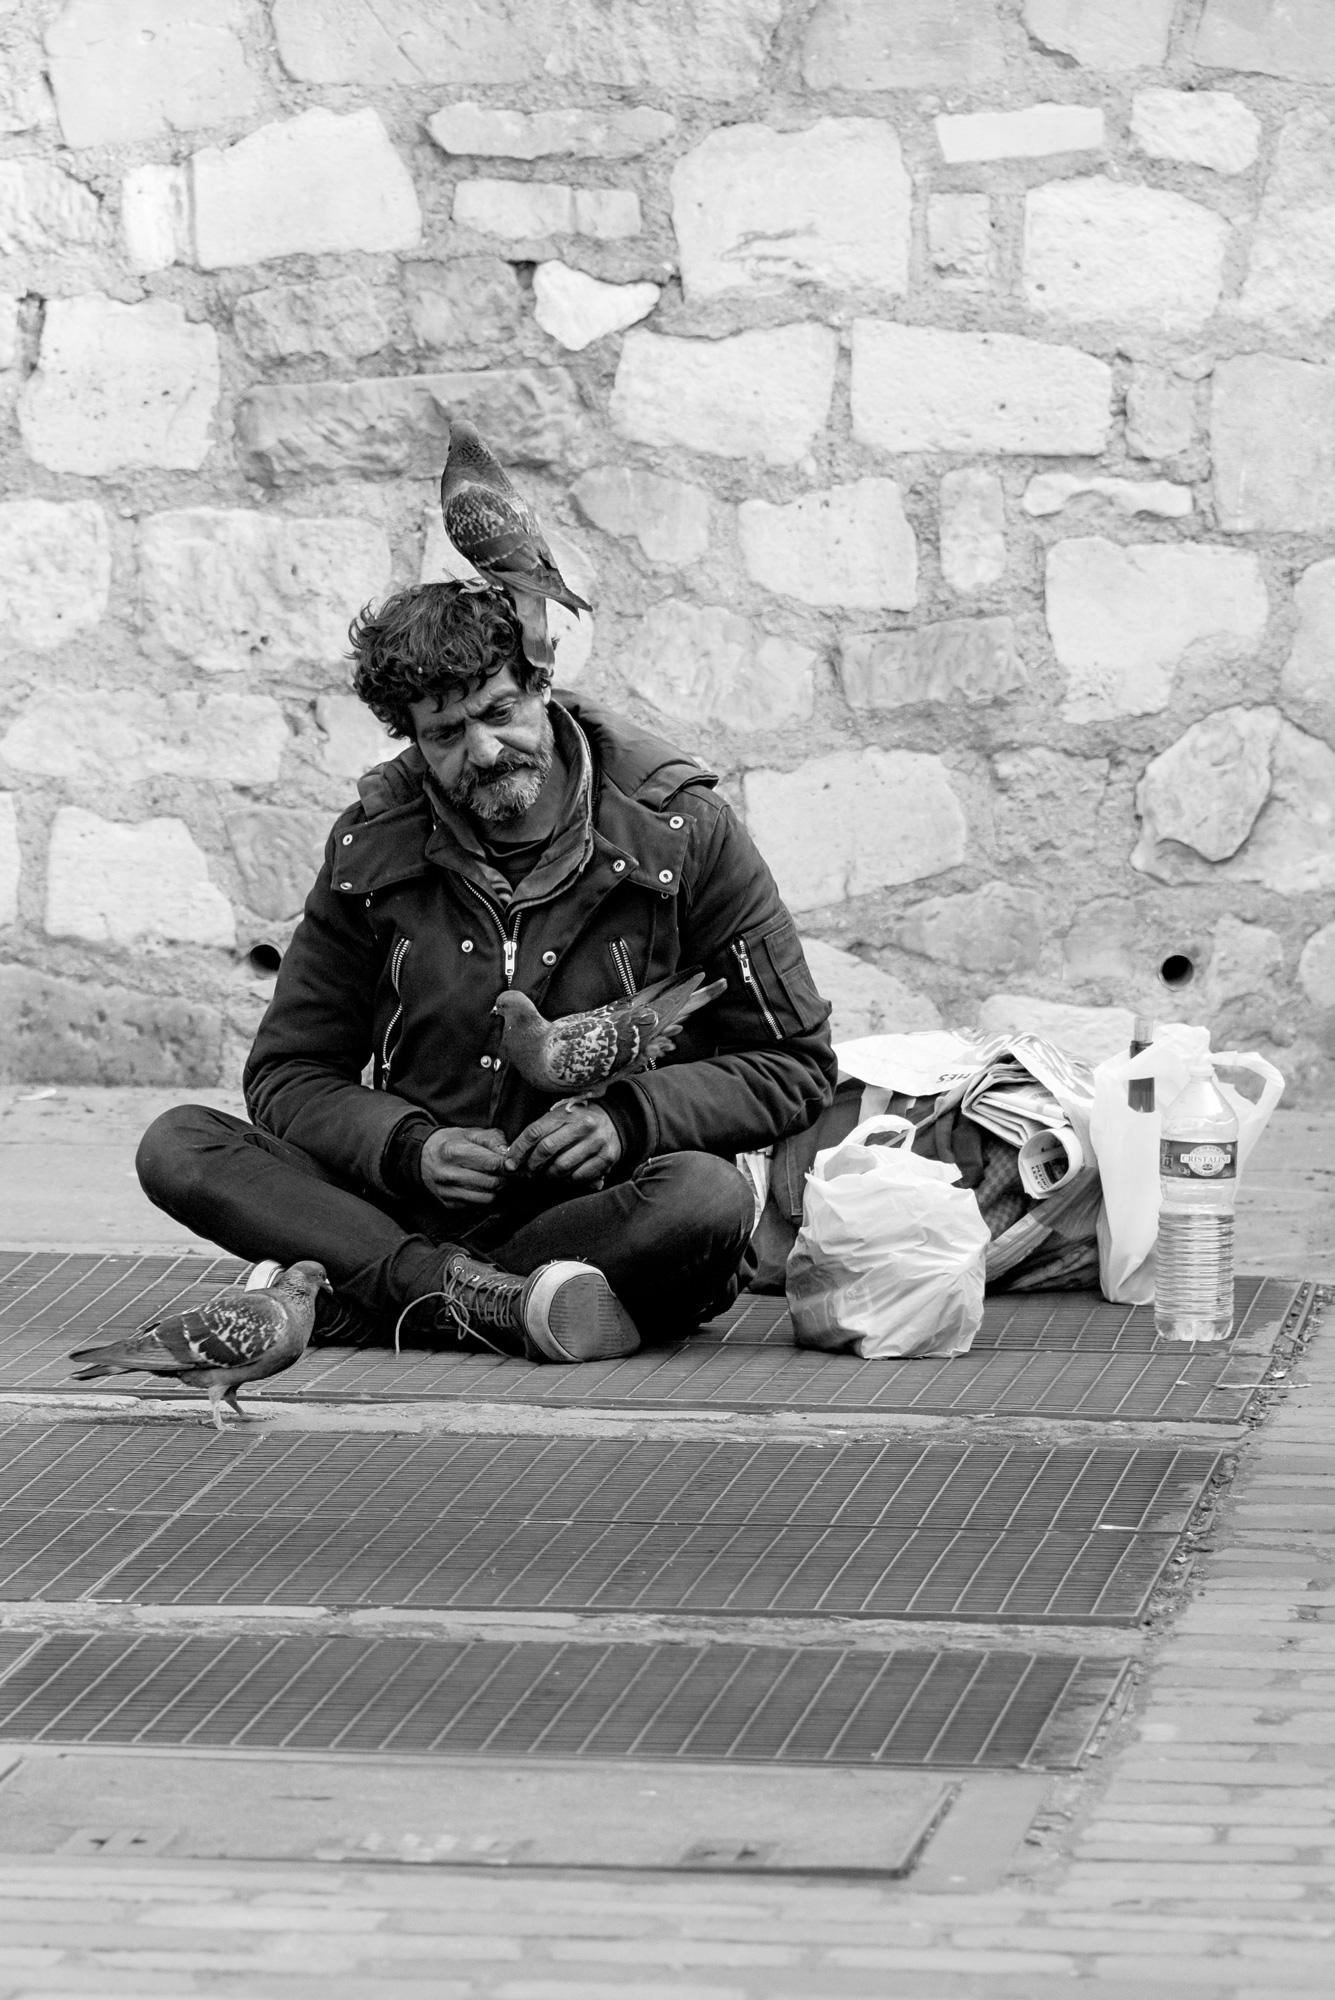 ©Pixellie - l'homme qu'on ne voit plus